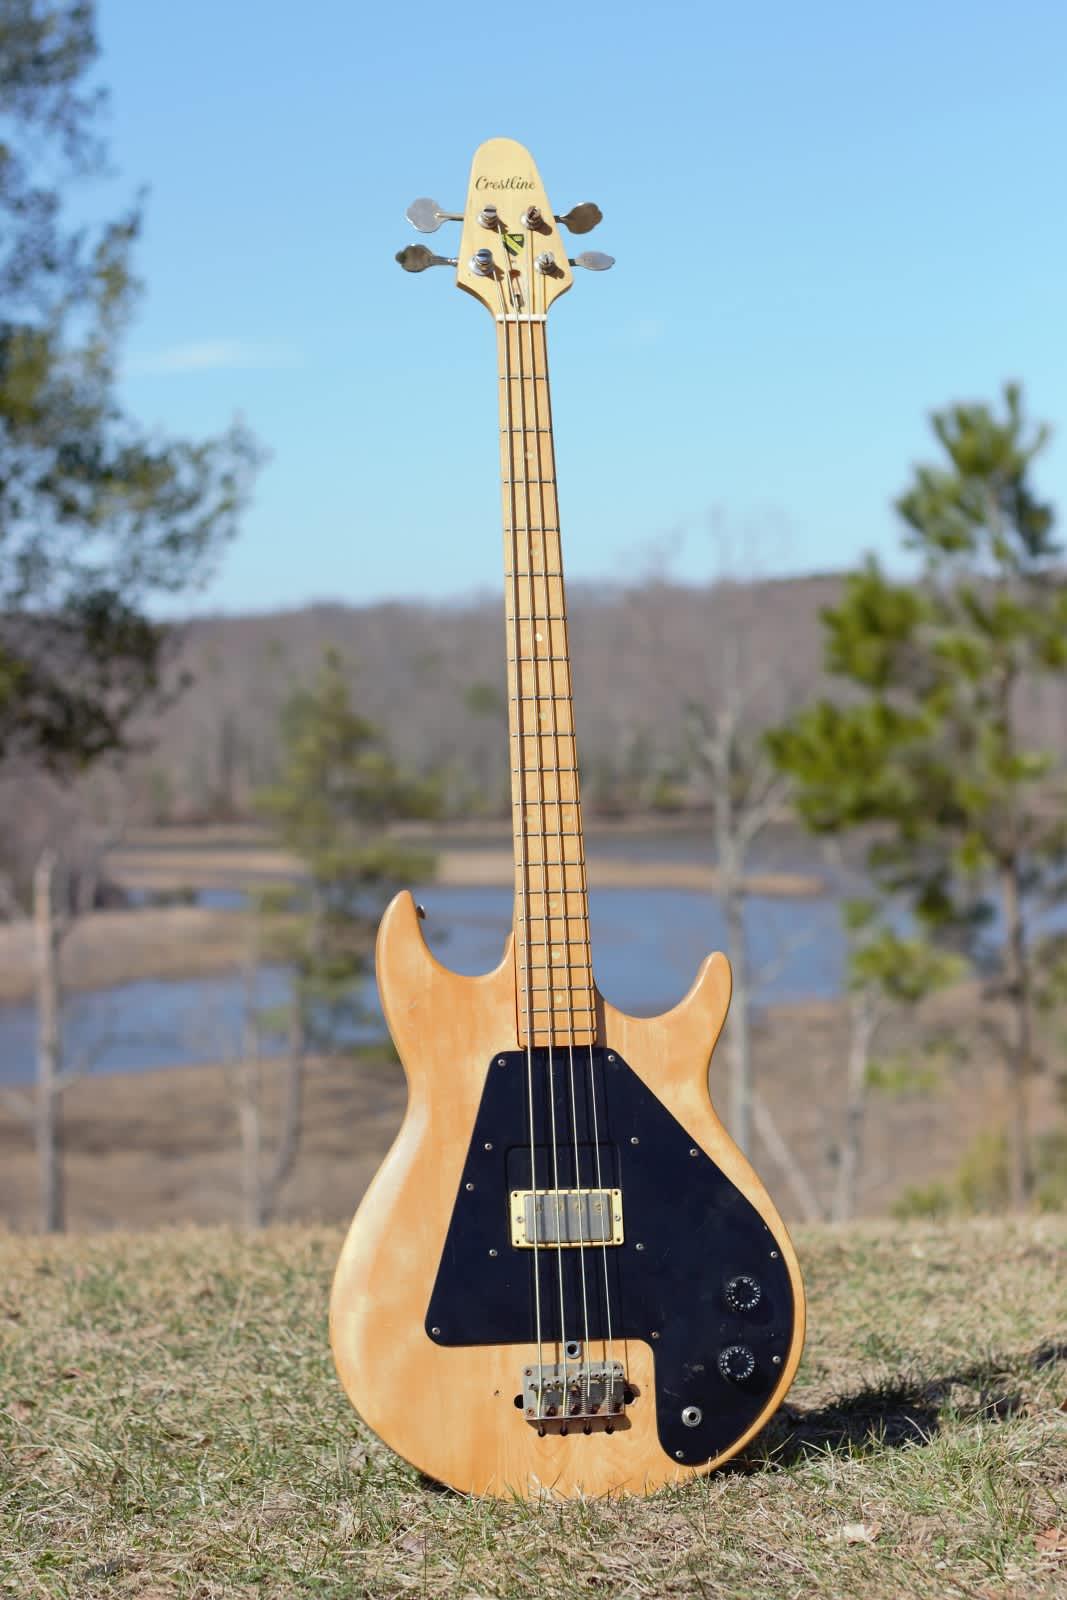 1970 39 s crestline lawsuit grabber copy bass guitar project reverb. Black Bedroom Furniture Sets. Home Design Ideas